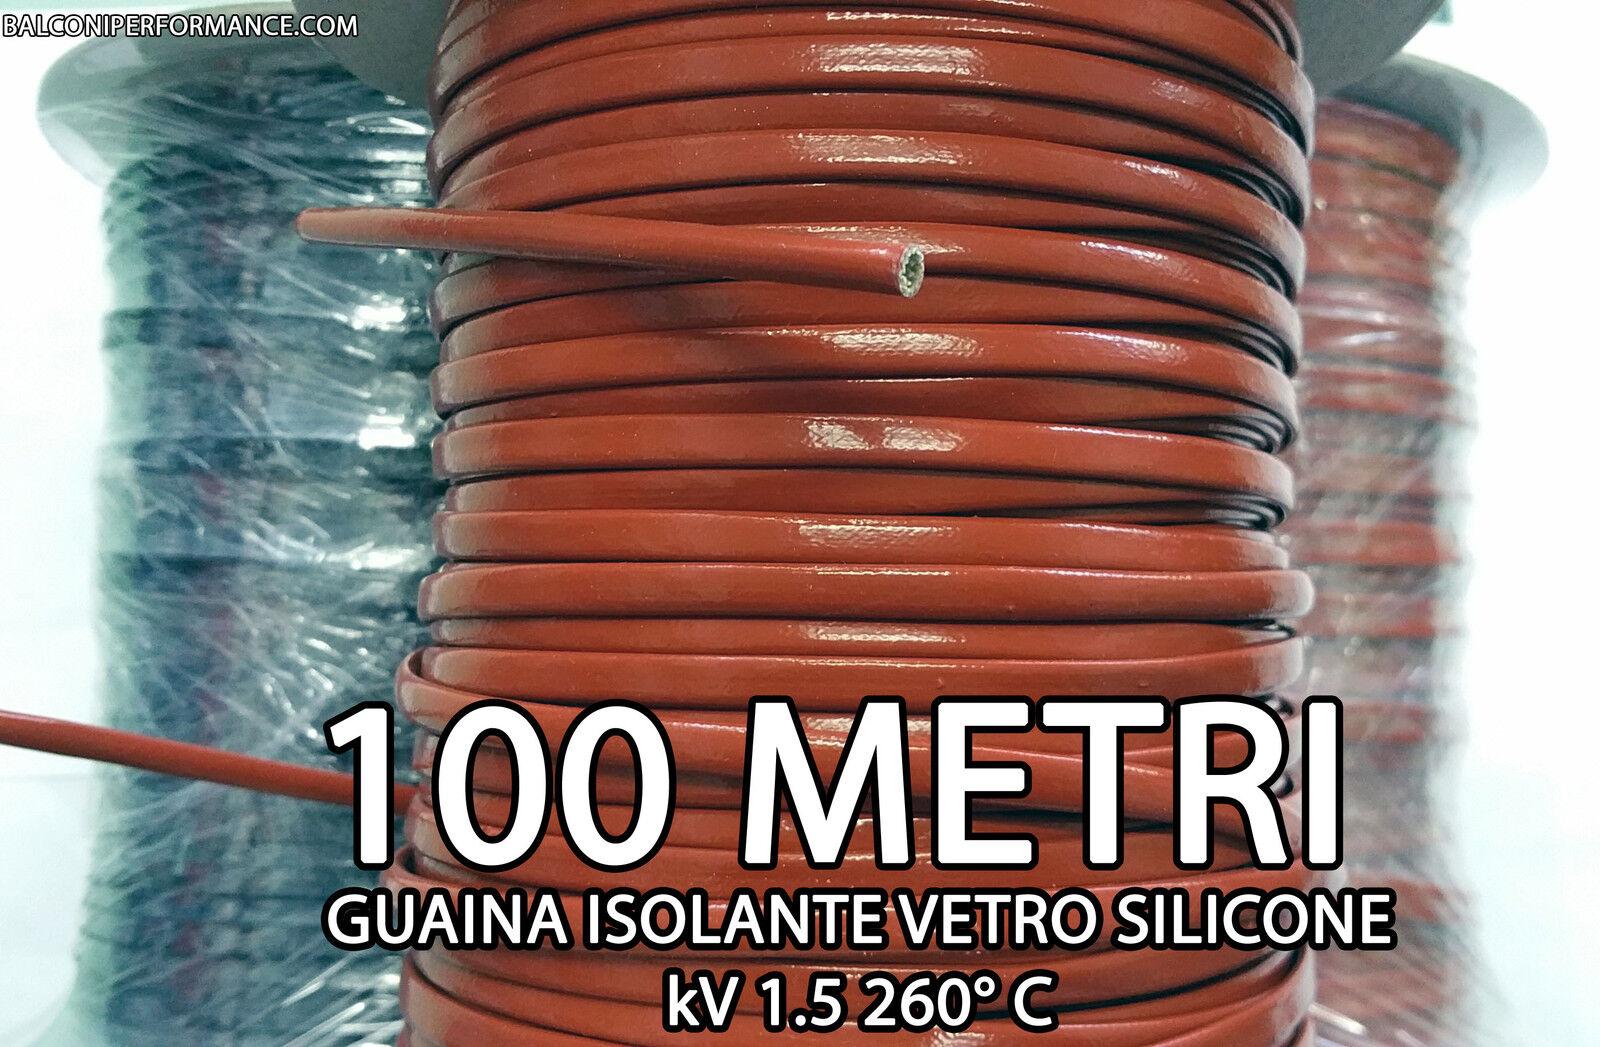 100 metri GUAINA ISOLANTE VETRO SILICONE ALTE TEMPERATURE. kV 1,5 260° C